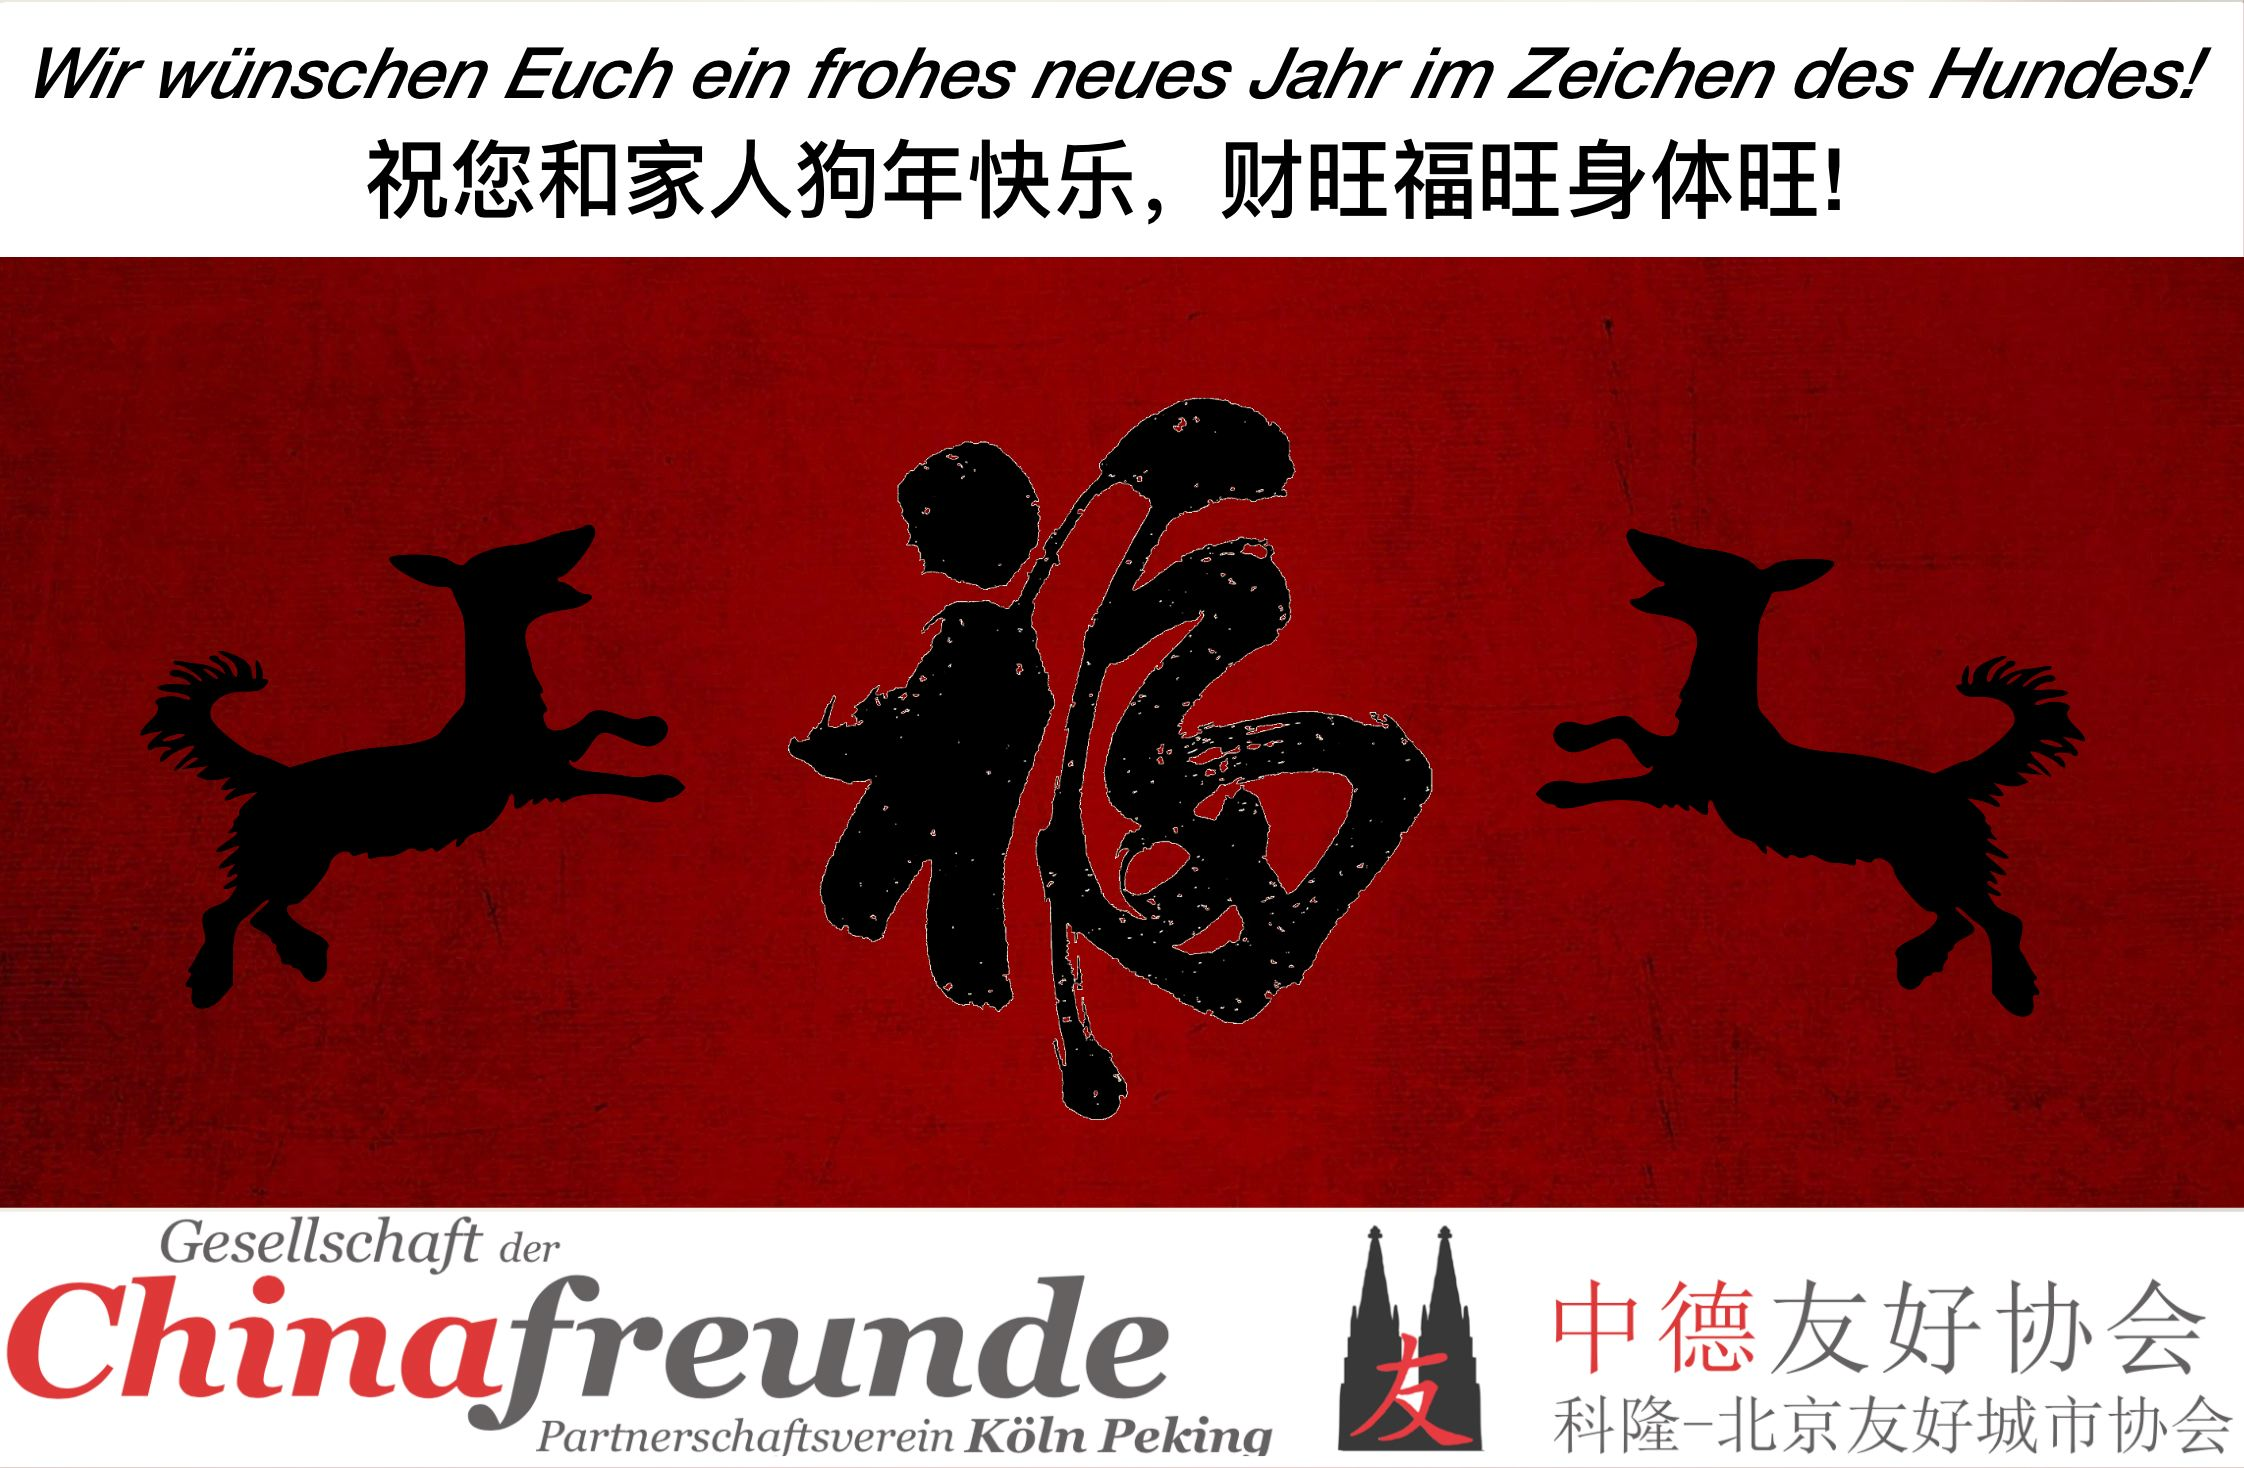 Gesellschaft der Chinafreunde e.V.: Frohes neues Jahr im Zeichen des ...